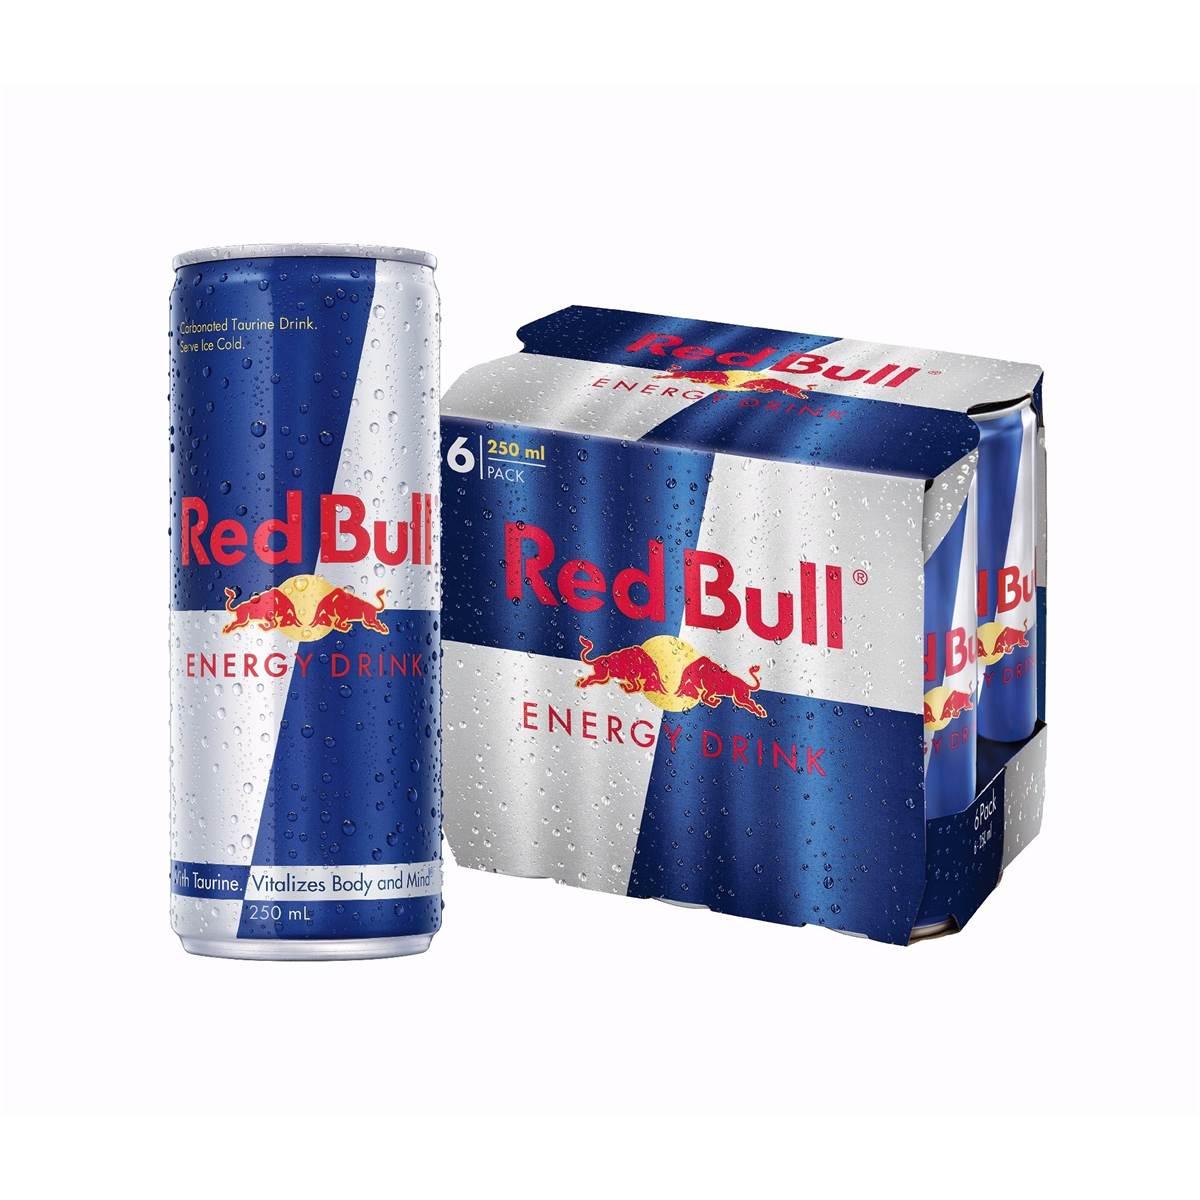 騎跑泳者 - Red Bull 紅牛能量飲料(250ml*3入) 提神飲料/提神飲品